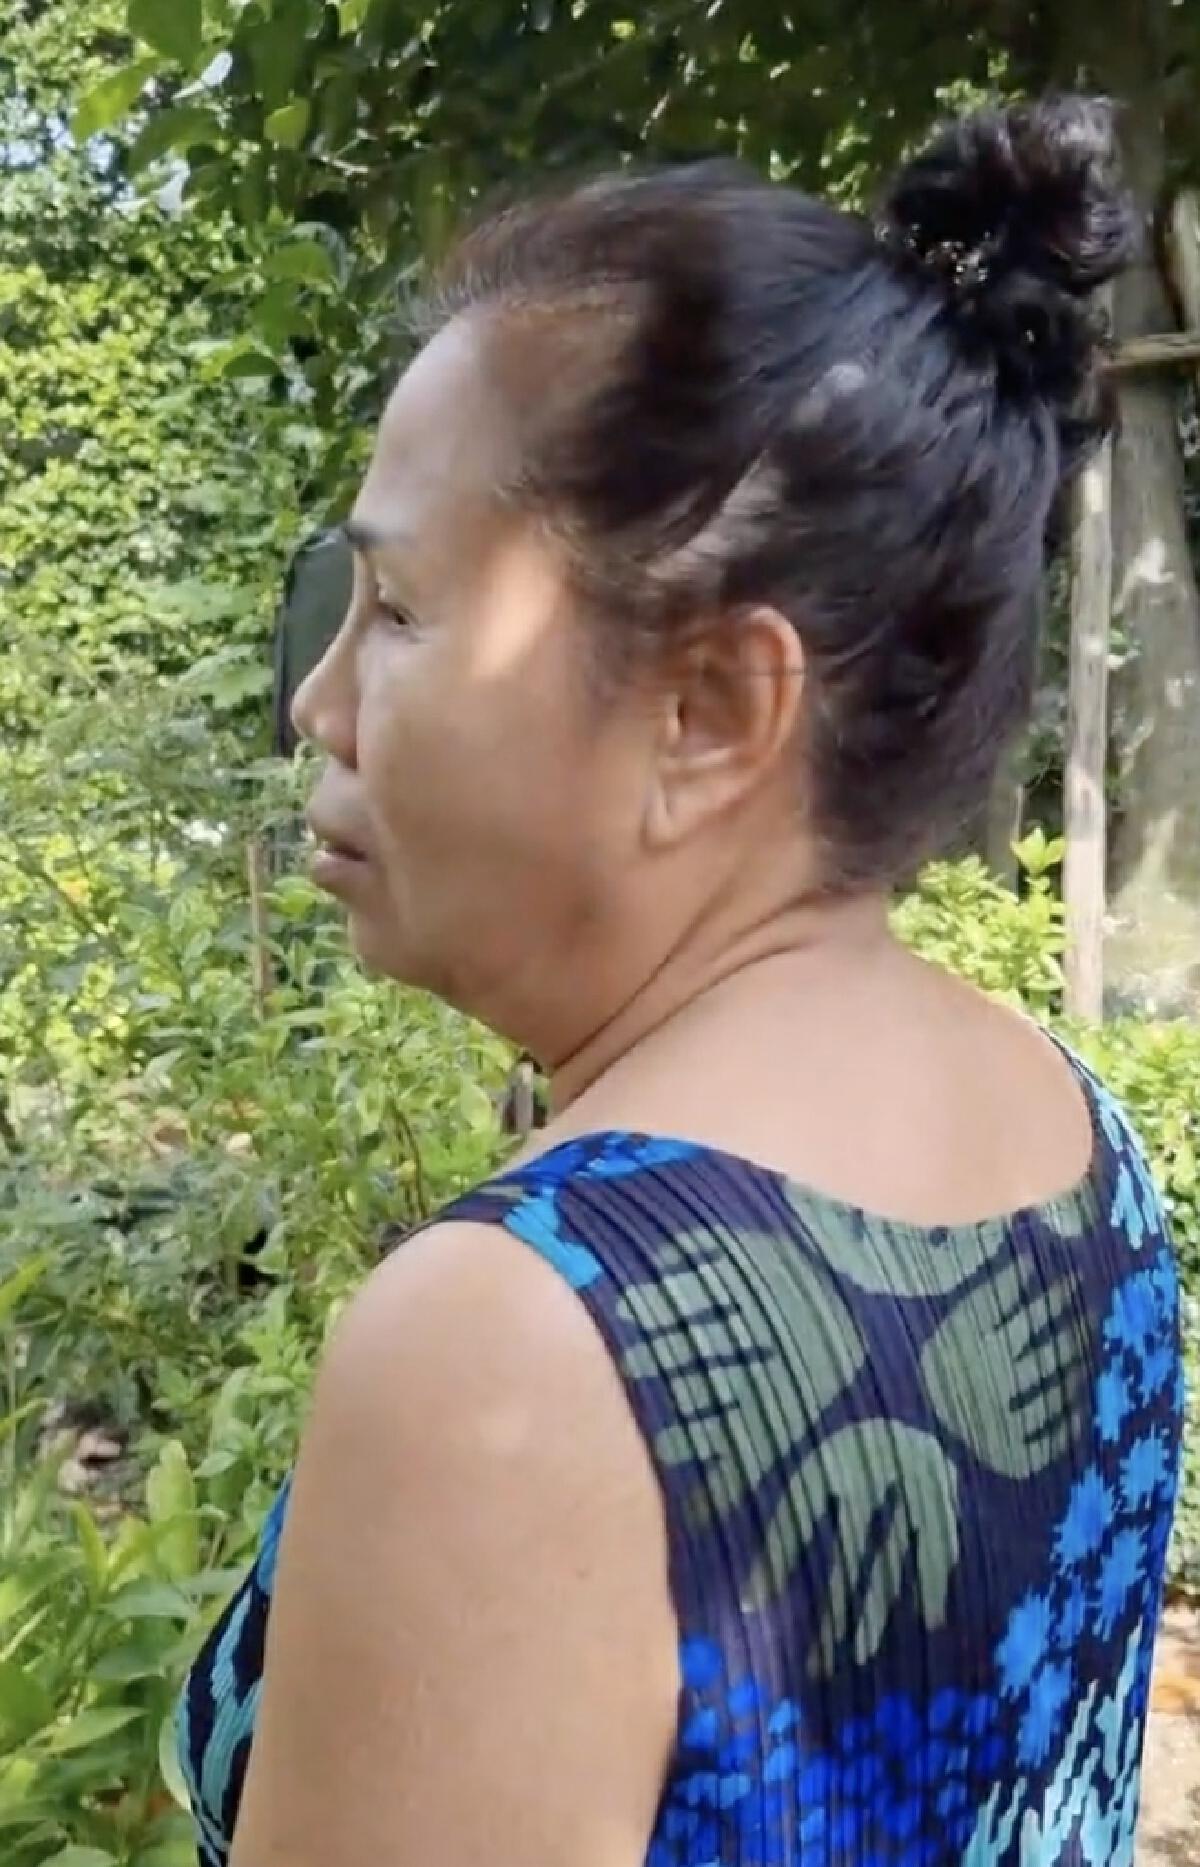 น้องพายุ โดน คุณยายวารี ดุ